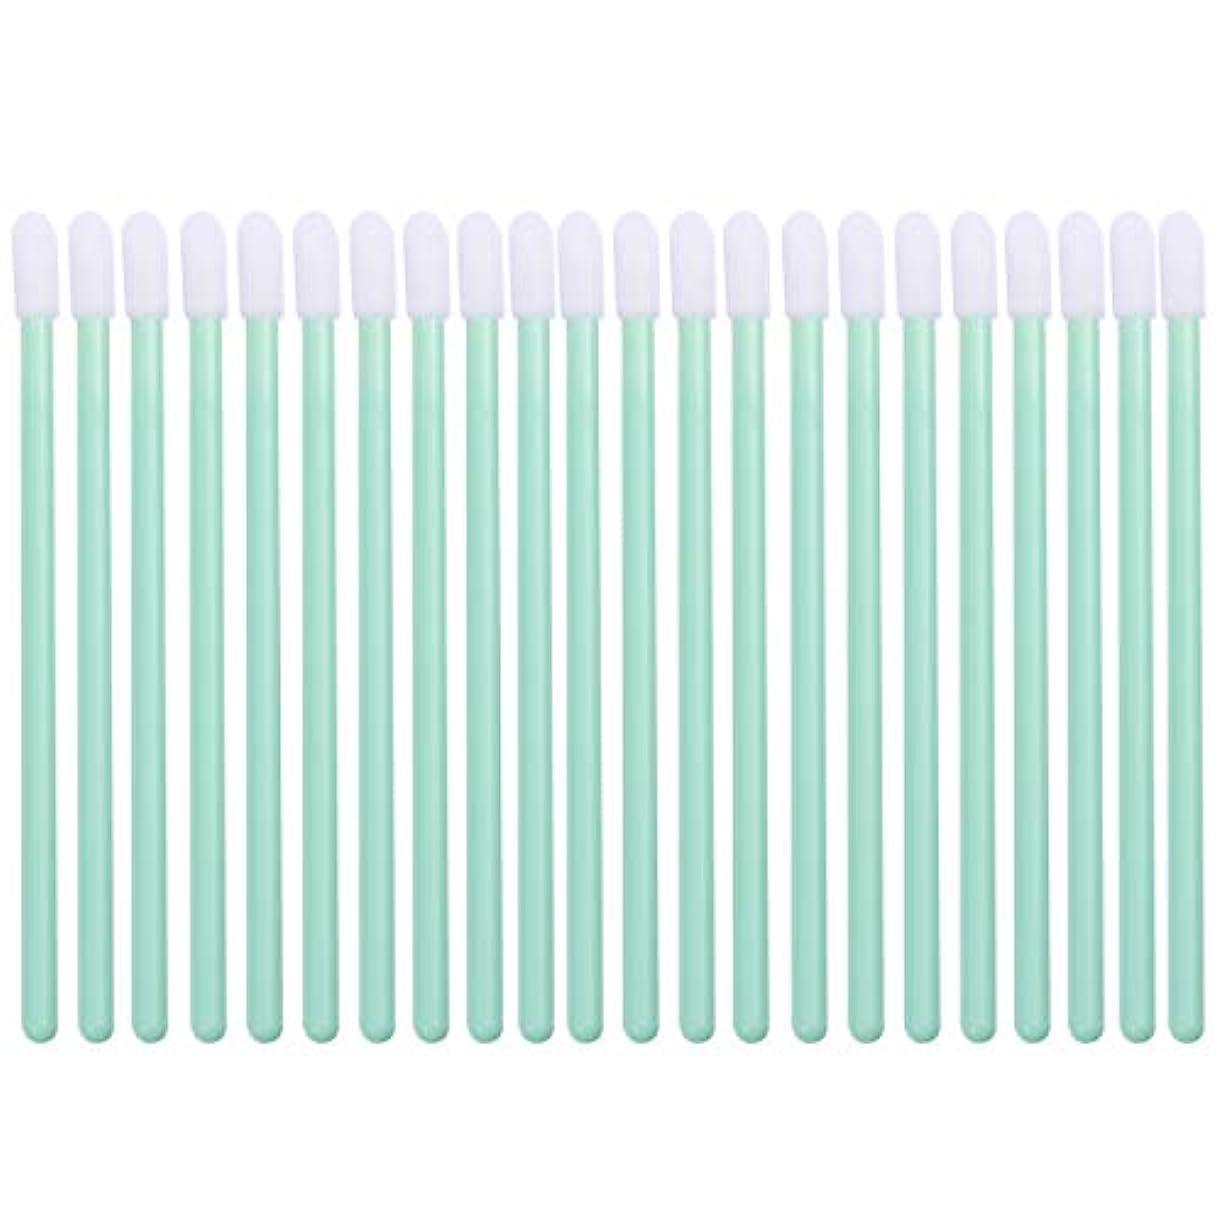 精巧な断線限界Frcolor リップブラシ 使い捨て リップスティックブラシ 化粧リップ ブラシ 多機能 メイクブラシ 使い捨て 携帯便利 100本セット(グリーン)